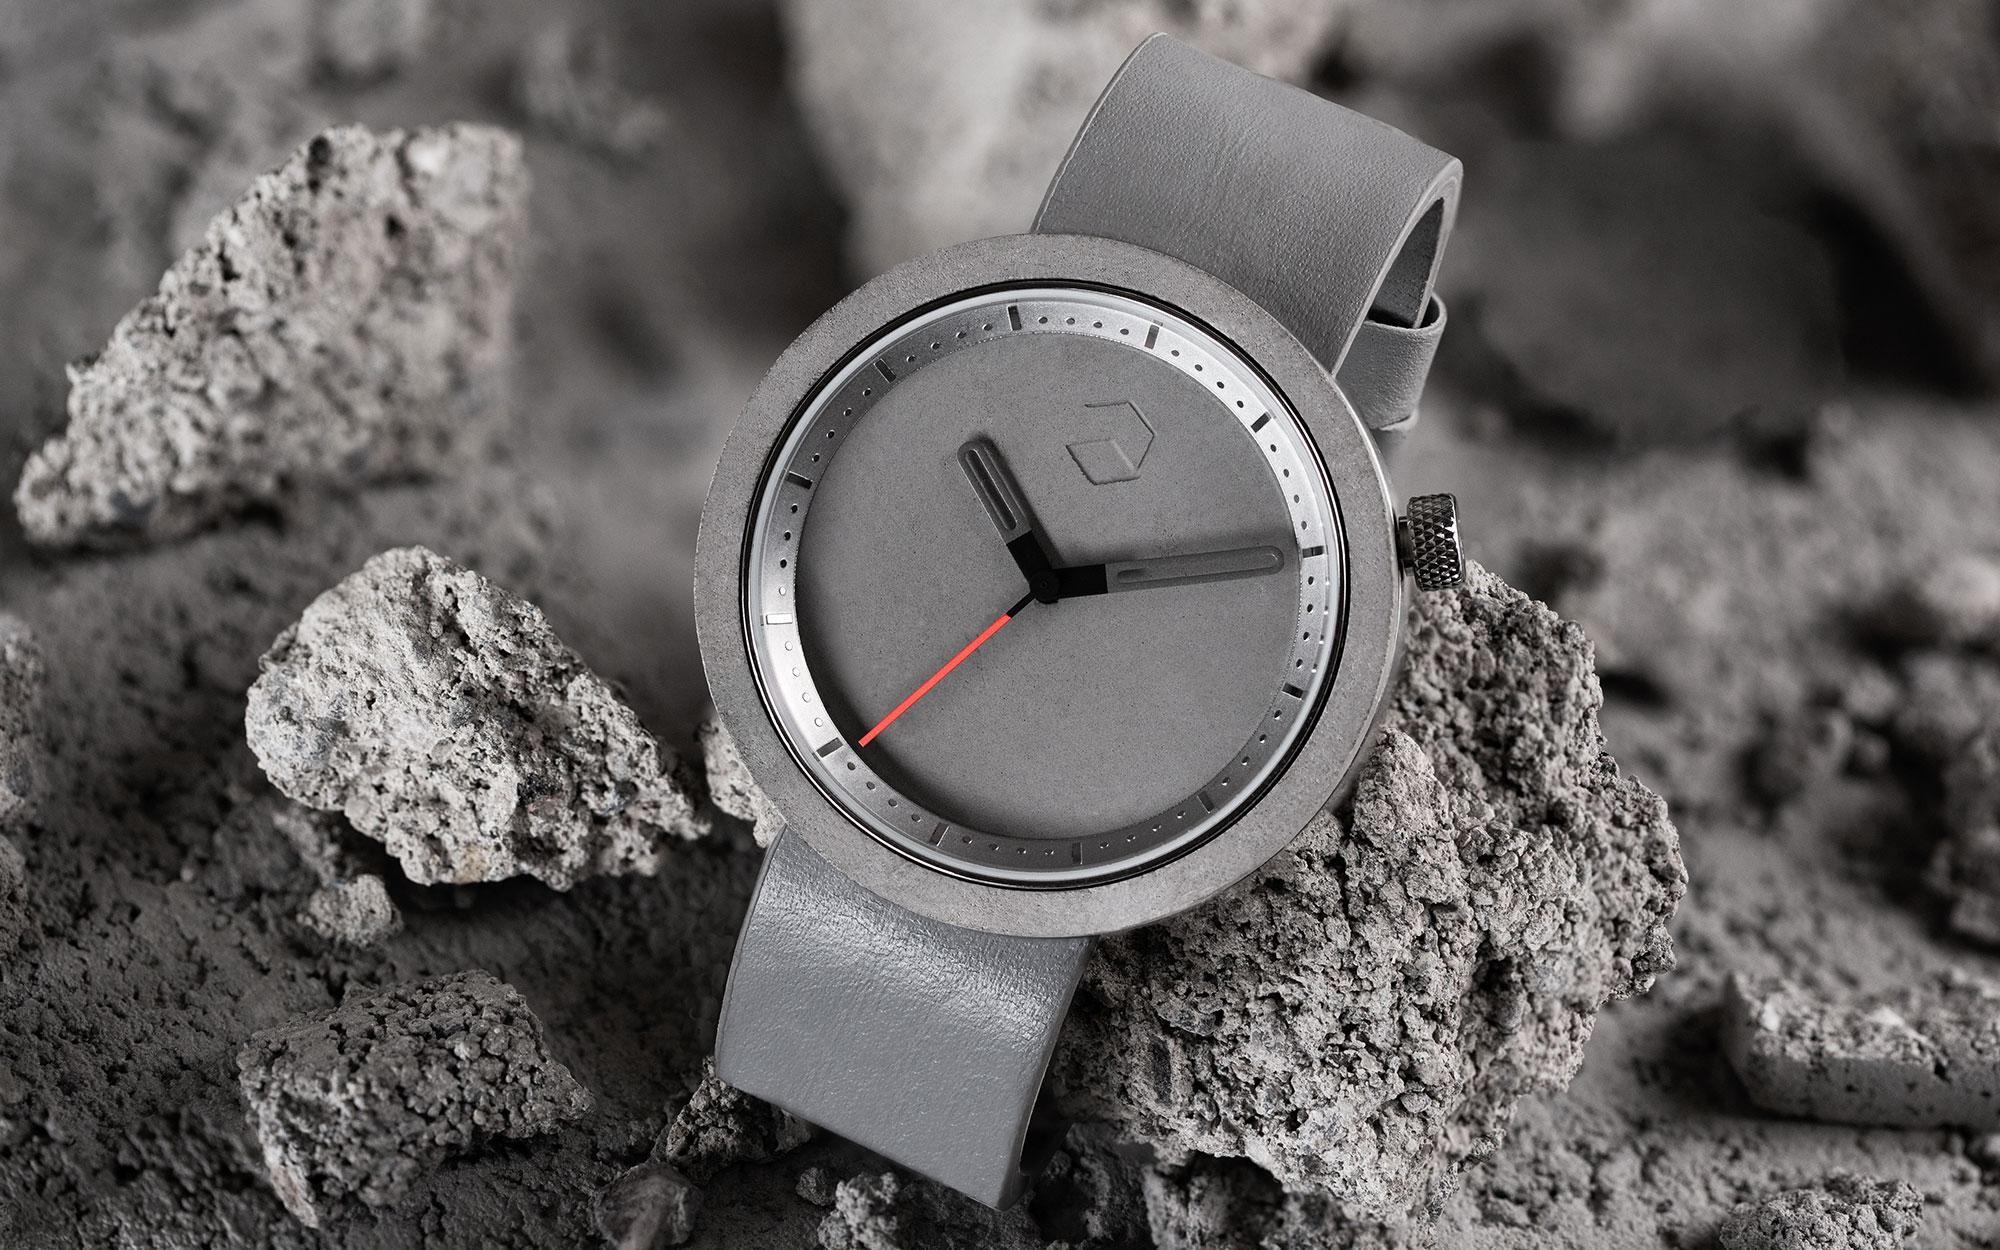 relógio feito de cimento